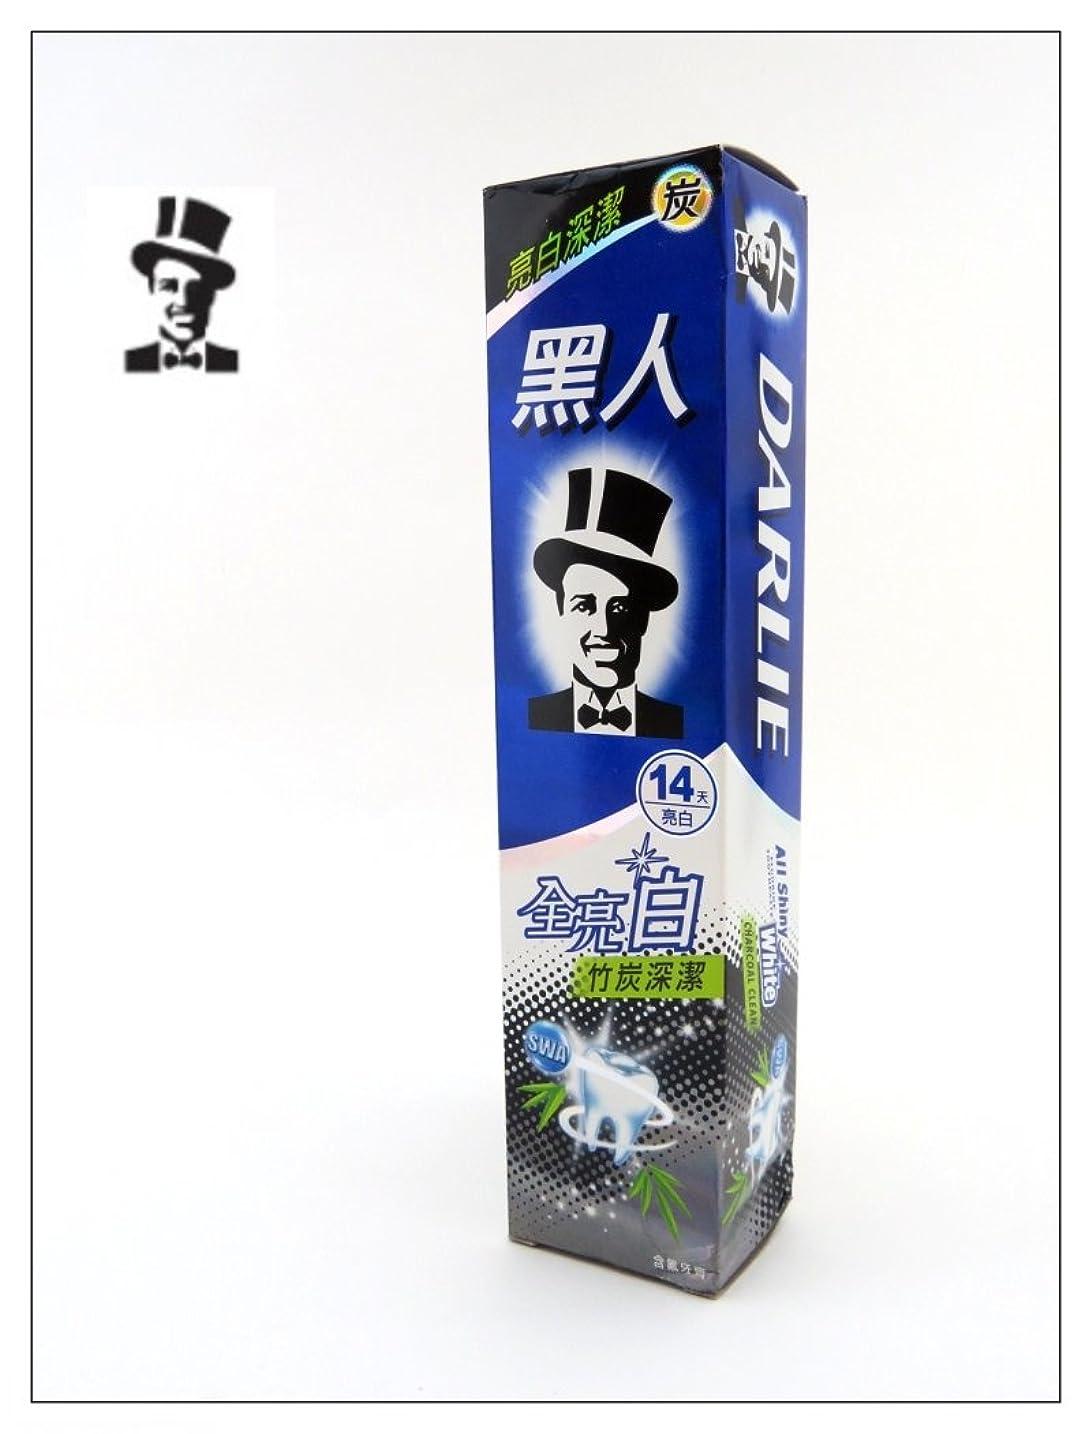 酒買収確立します黒人 歯磨き 全亮白竹炭深潔 140g 台湾製